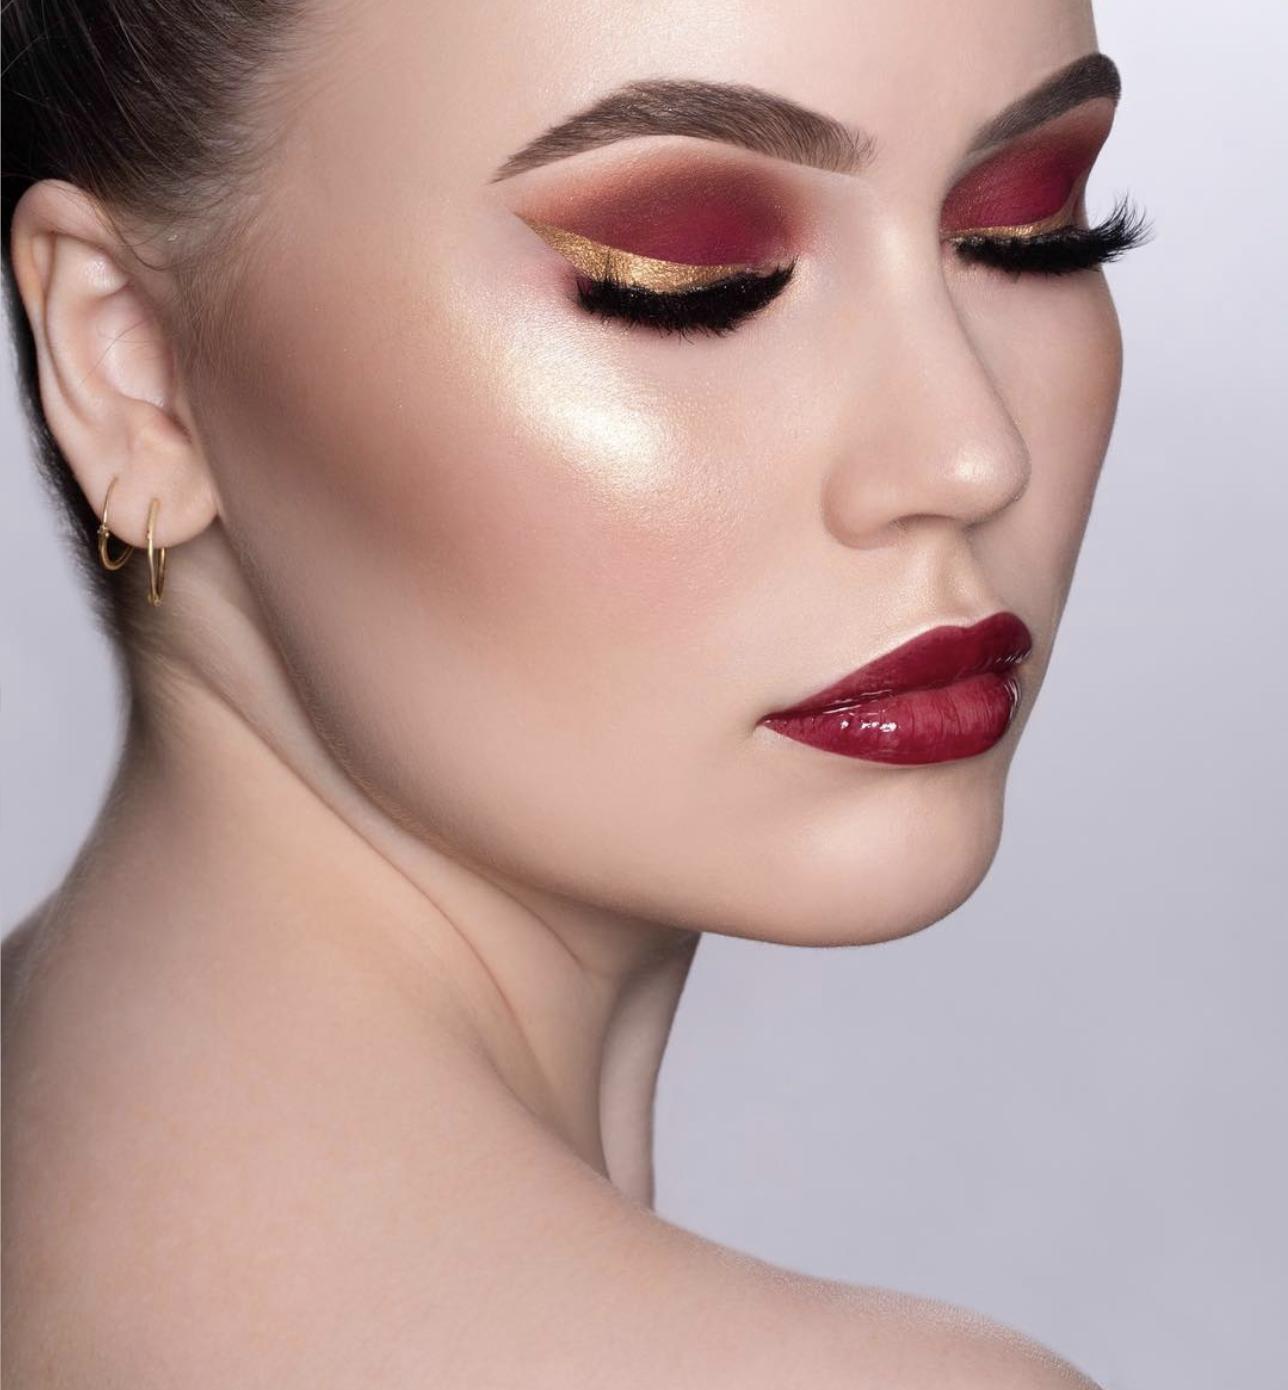 maquillaje labios rojos piel clrara